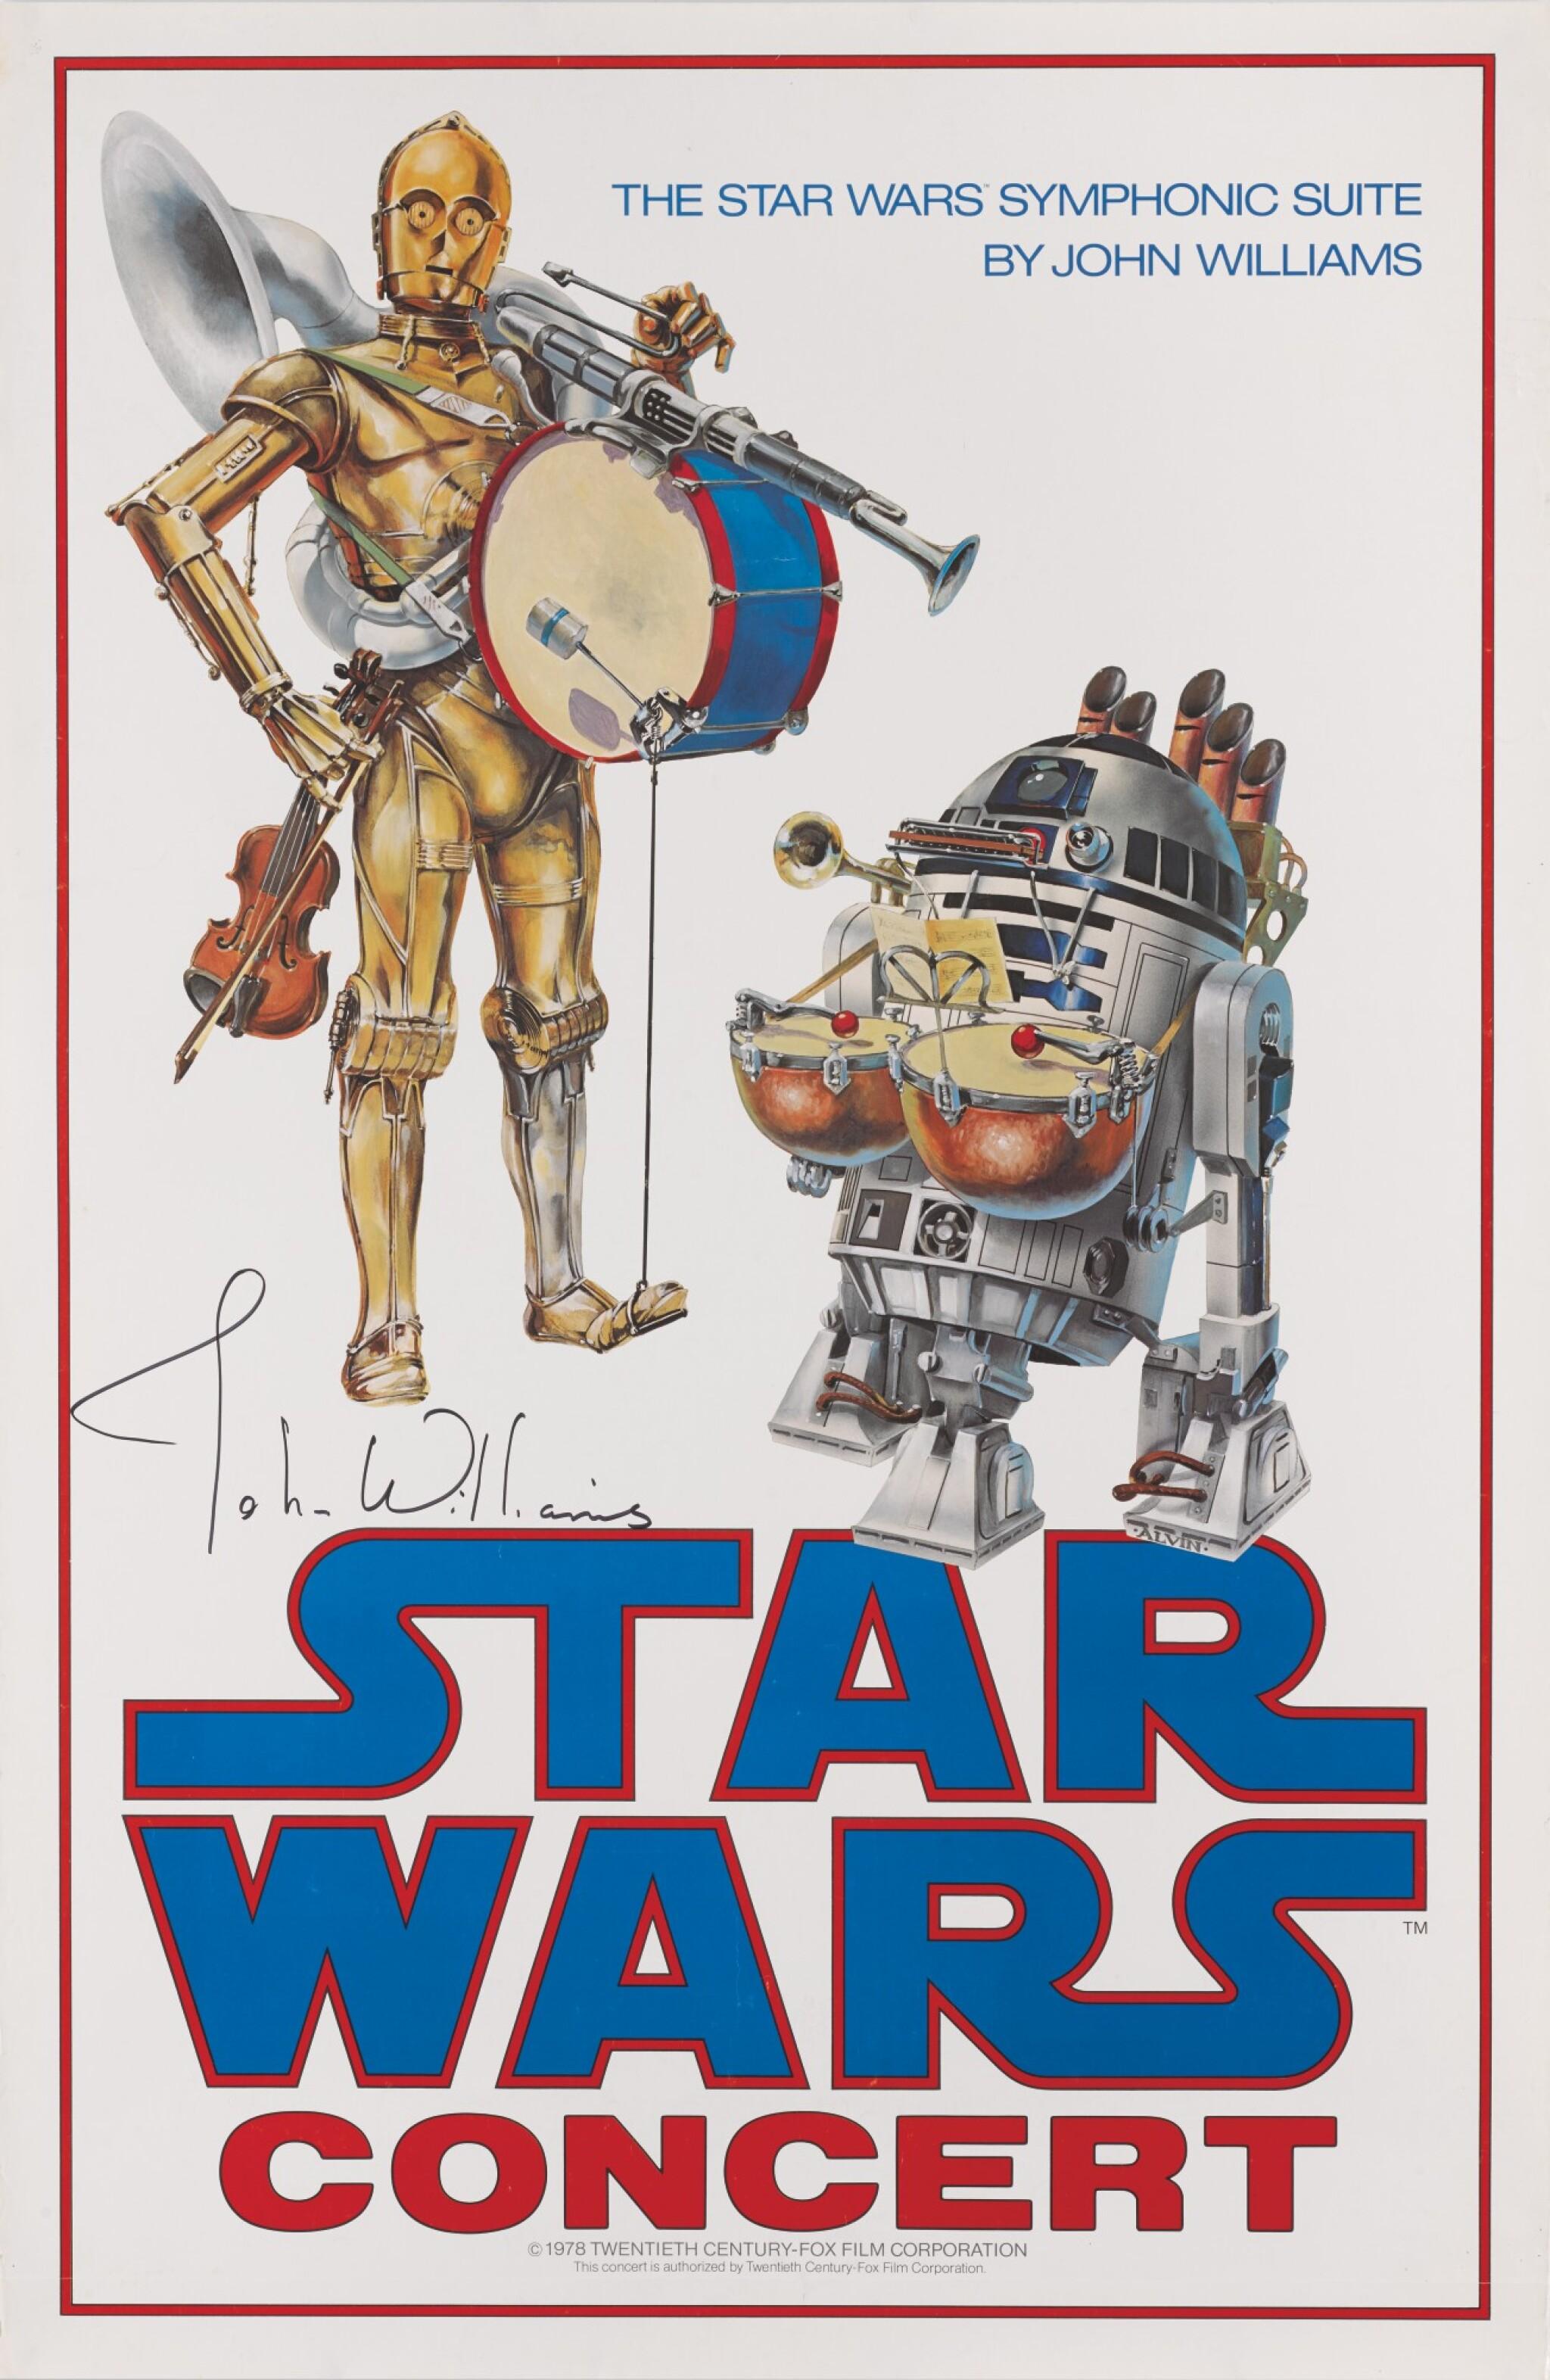 STAR WARS CONCERT POSTER, JOHN ALVIN, 1978, SIGNED BY JOHN WILLIAMS